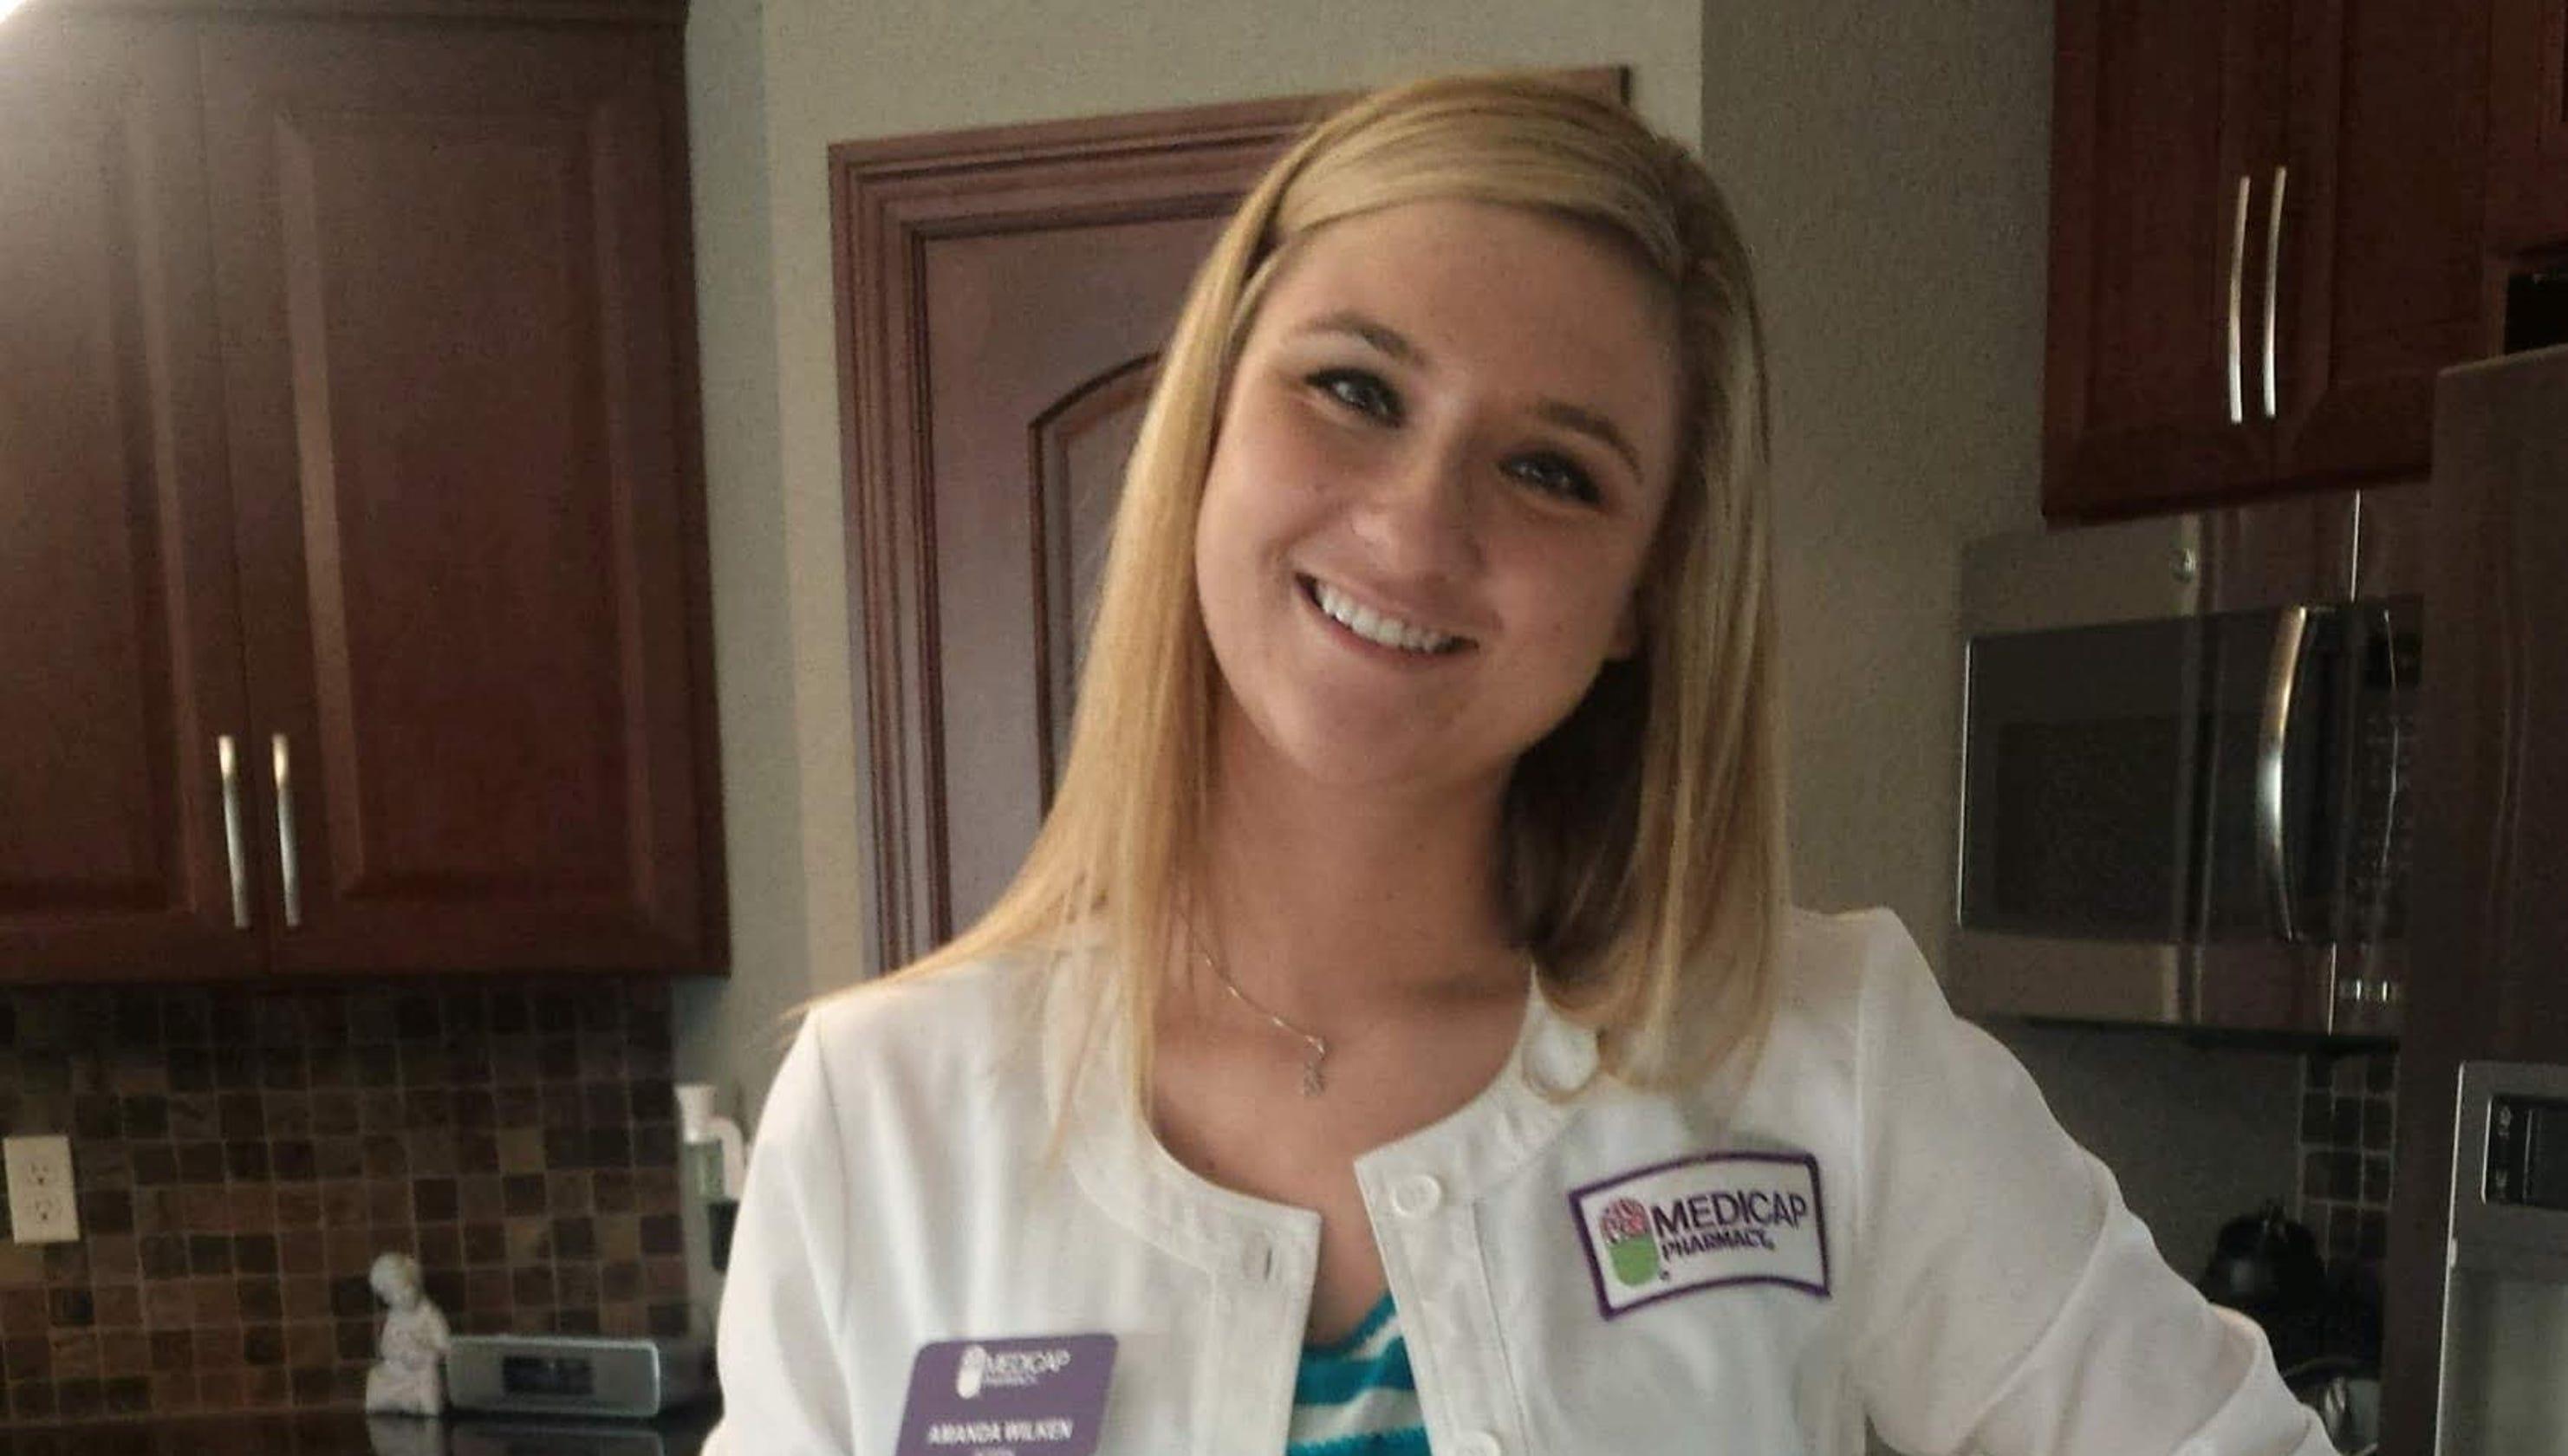 Drake University student Amanda Wilken mourned after fatal crash